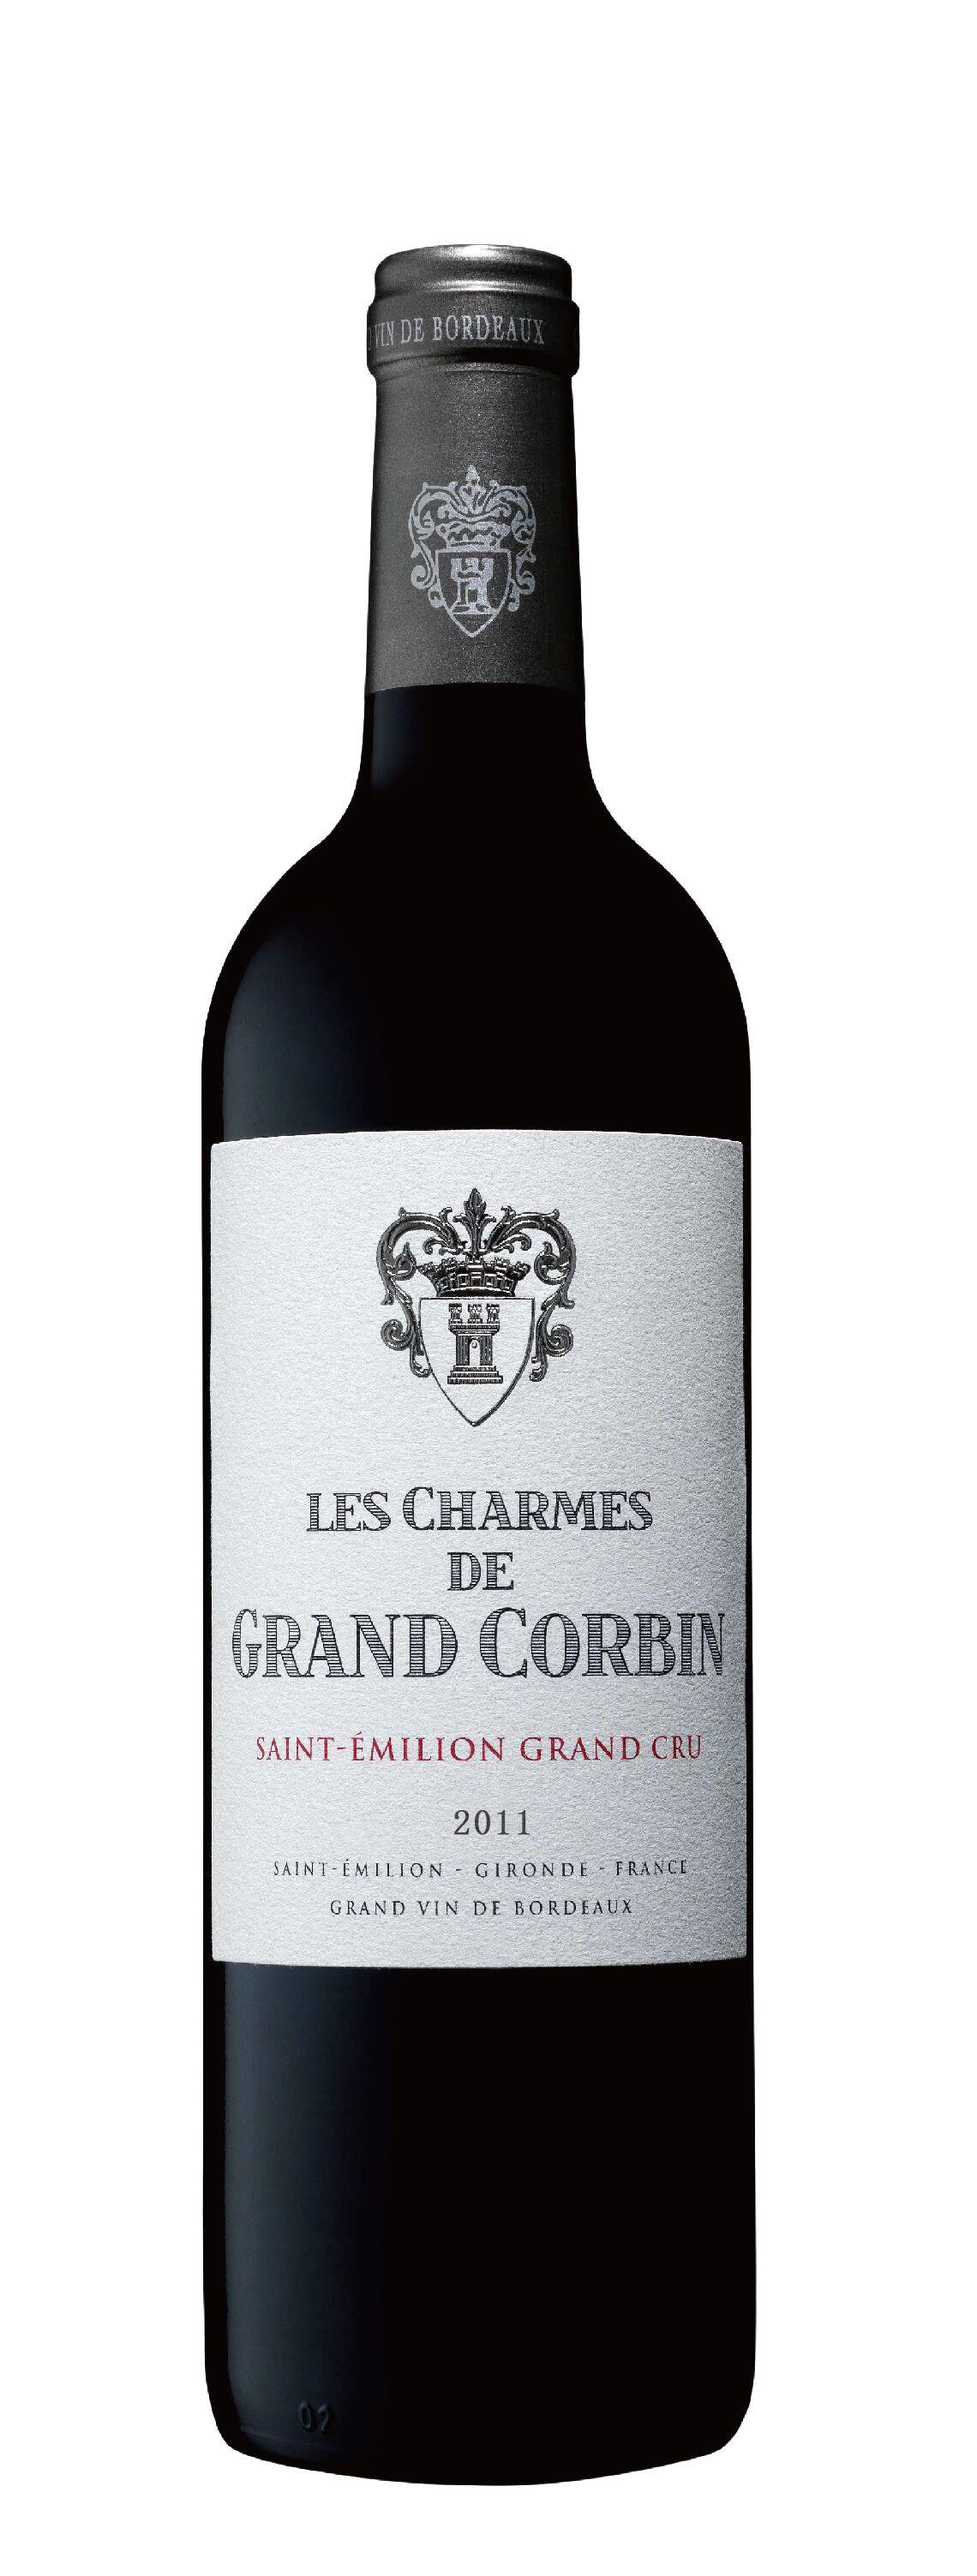 西班牙红酒文化_法国科尔宾特选干红葡萄酒_口感_价格 - YHJ9要红酒网